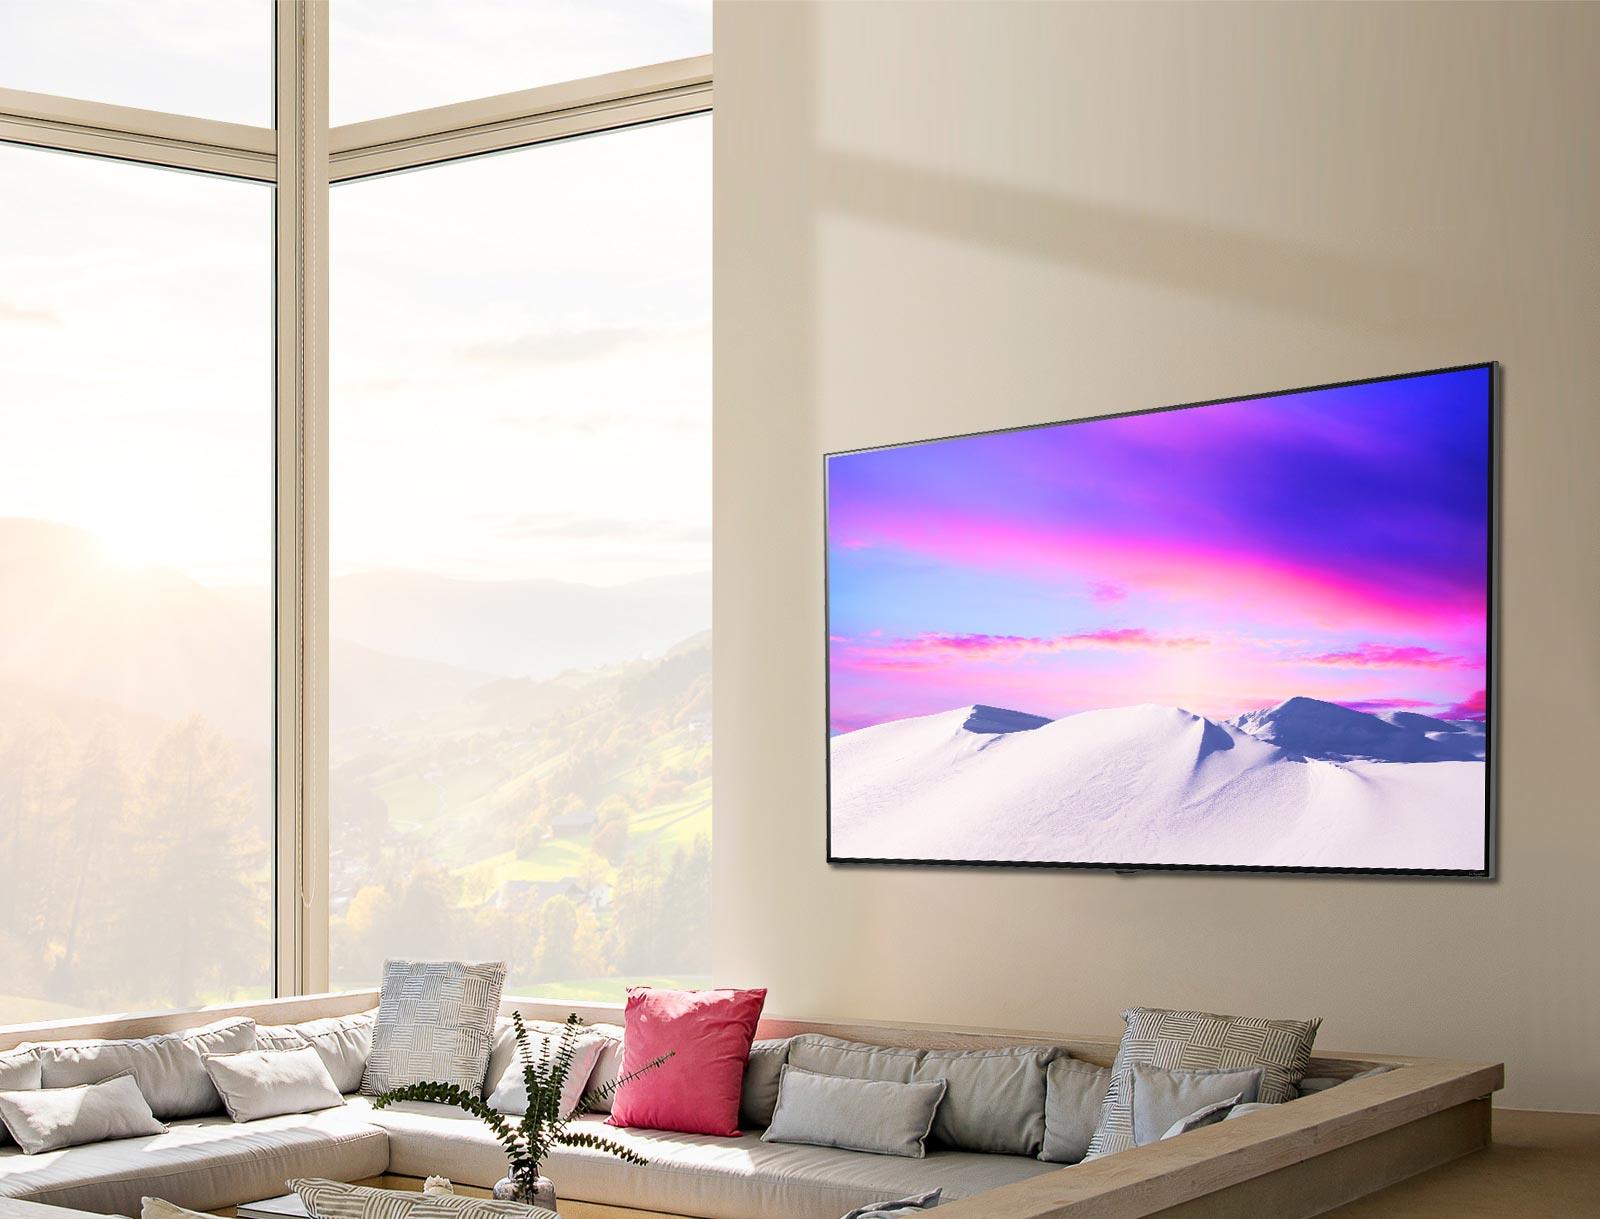 Сцена, показваща голем тънък LG NanoCell TV, окачен плътно на стената.